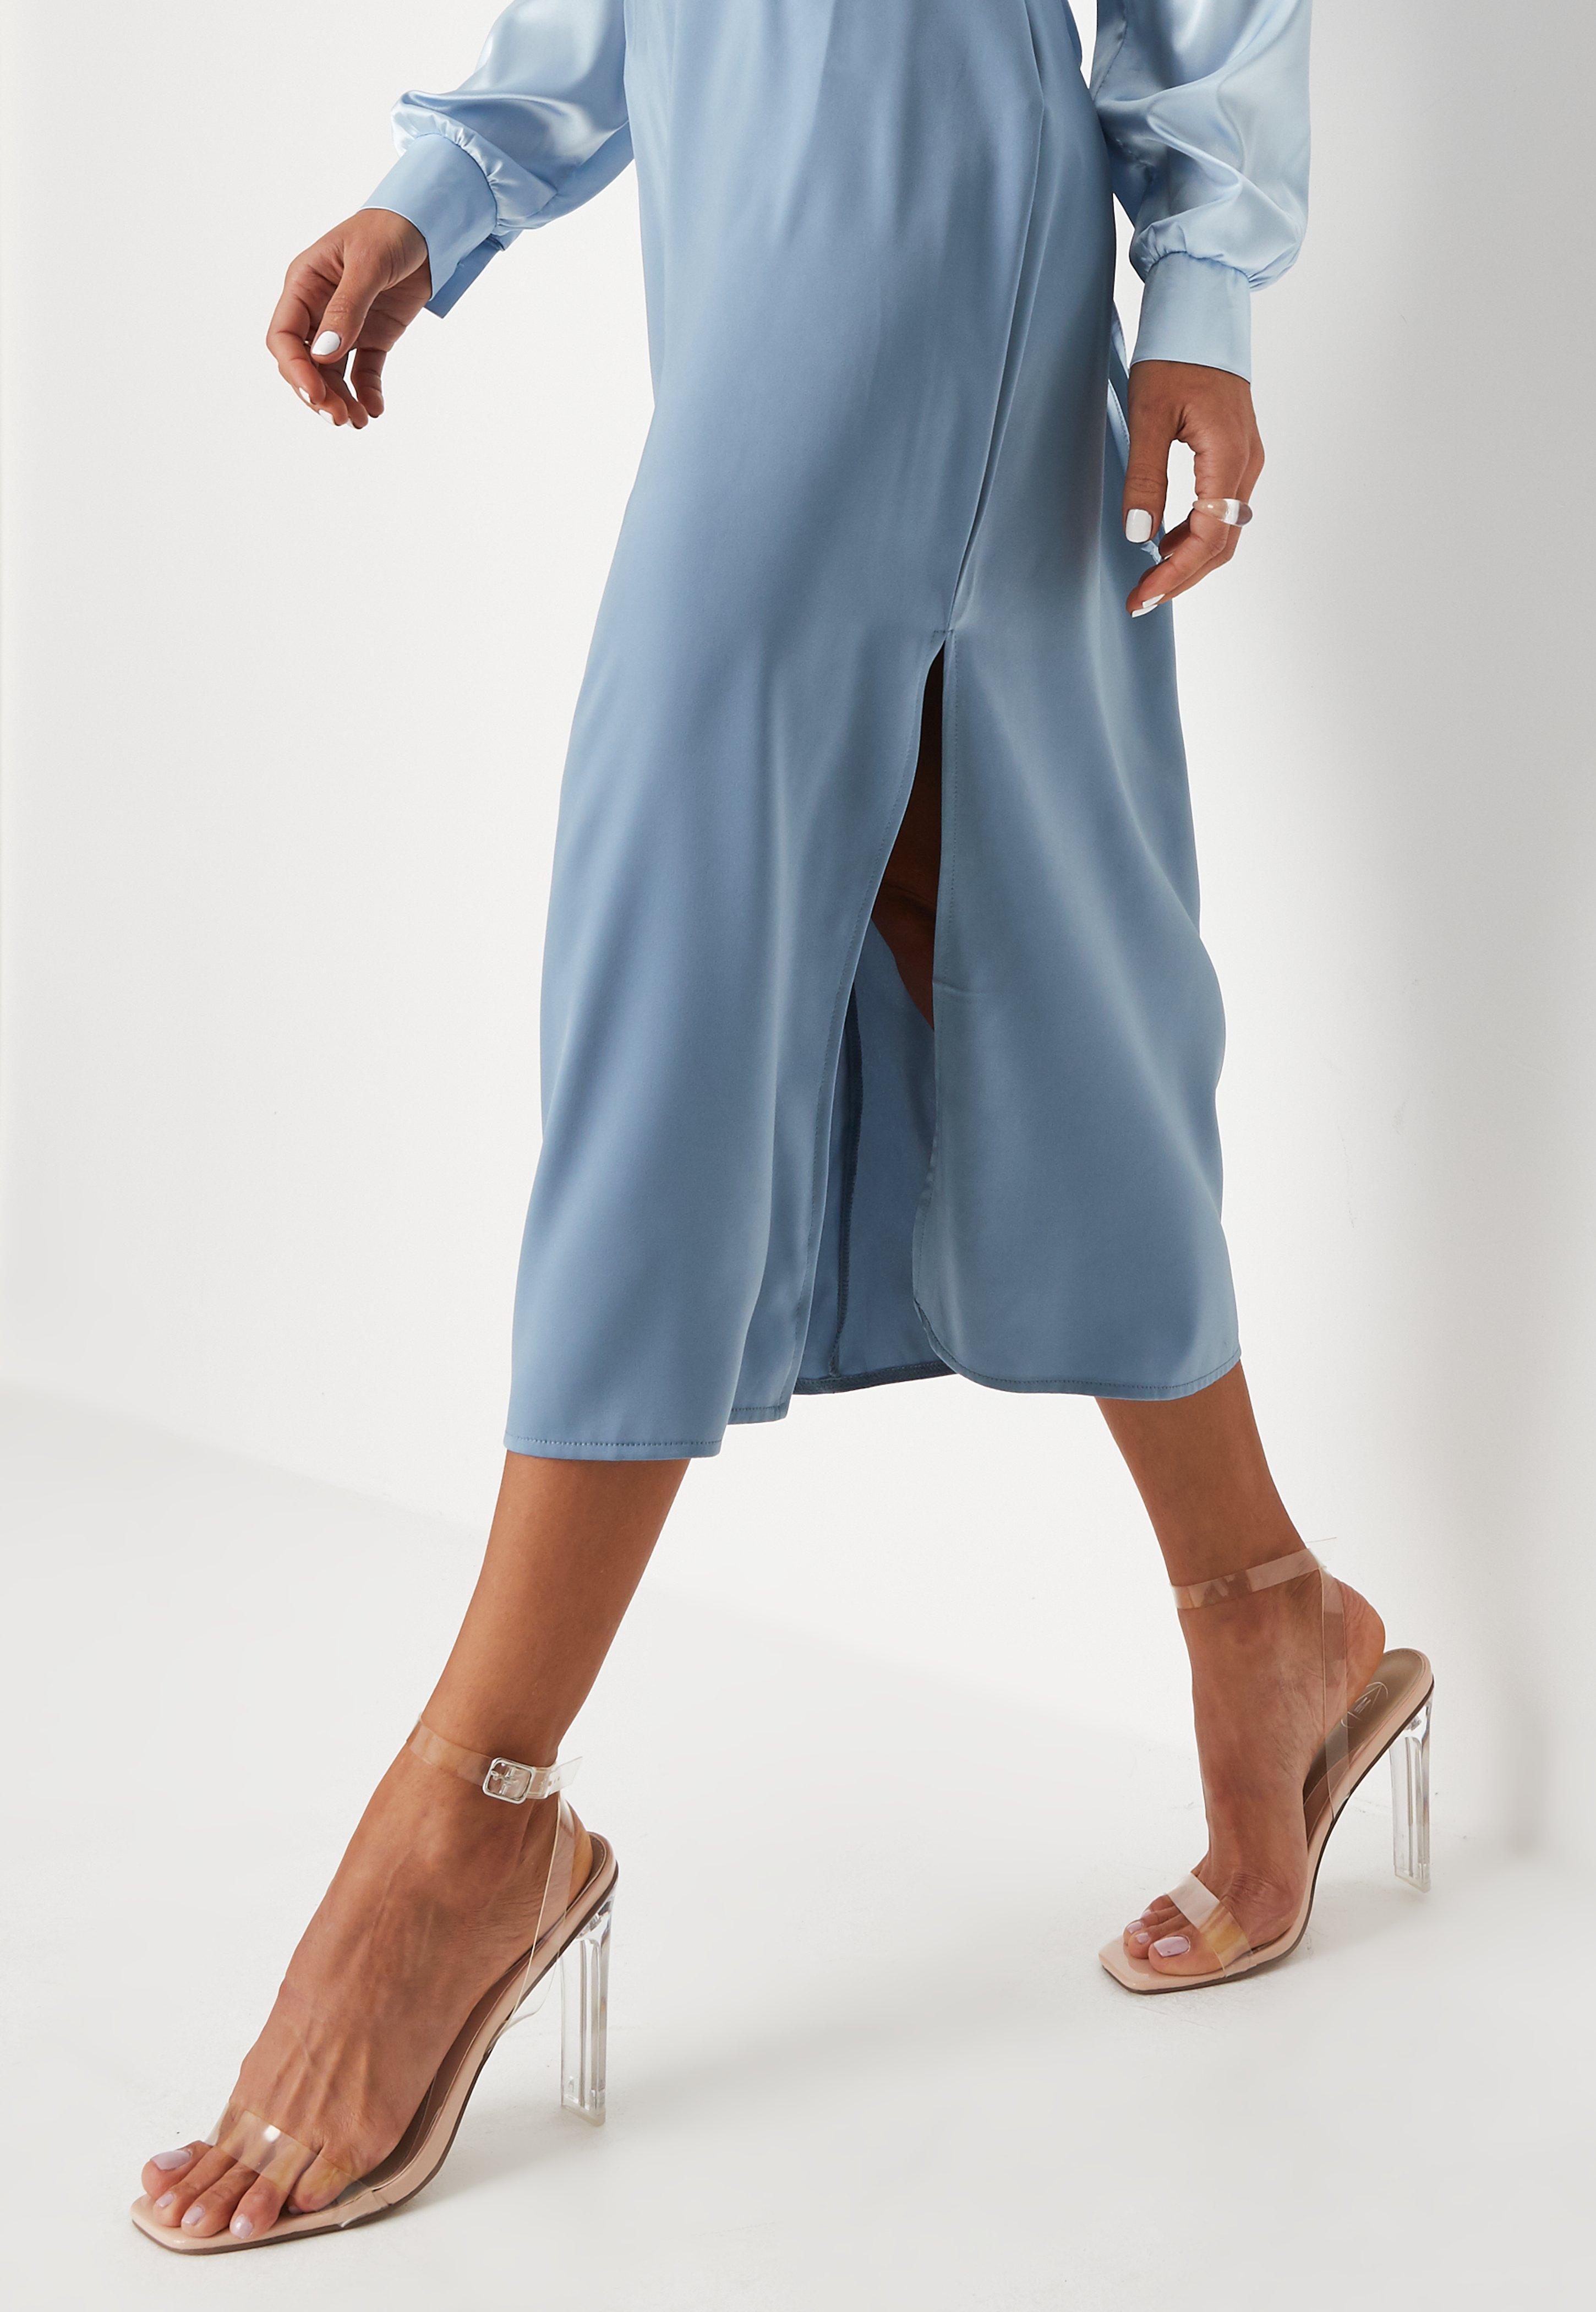 conception de la variété trouver le prix le plus bas styles de mode Sandales à talons nude à brides transparentes